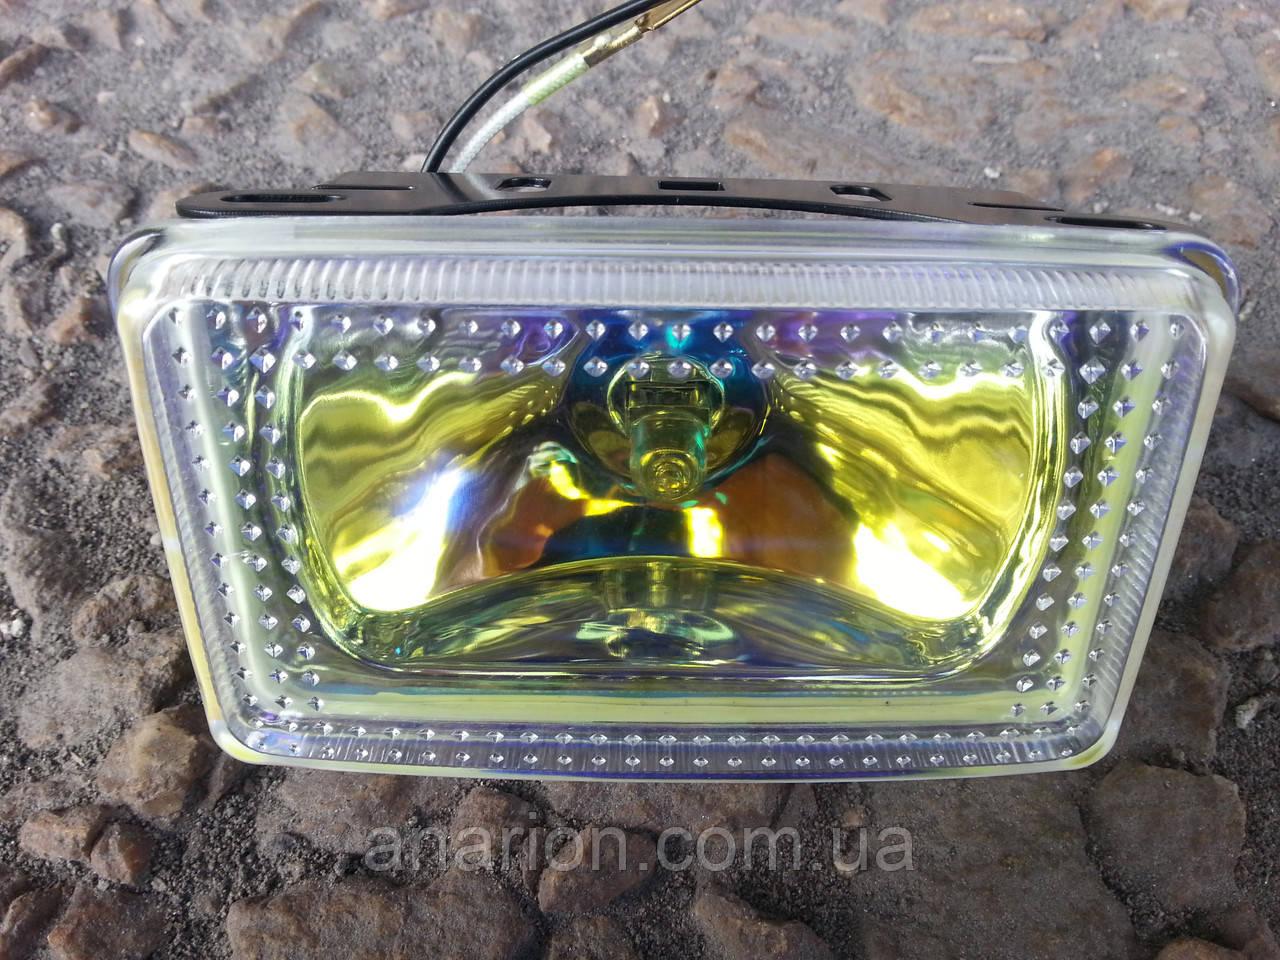 Противотуманные всепогодные фары №213 (кристалл)